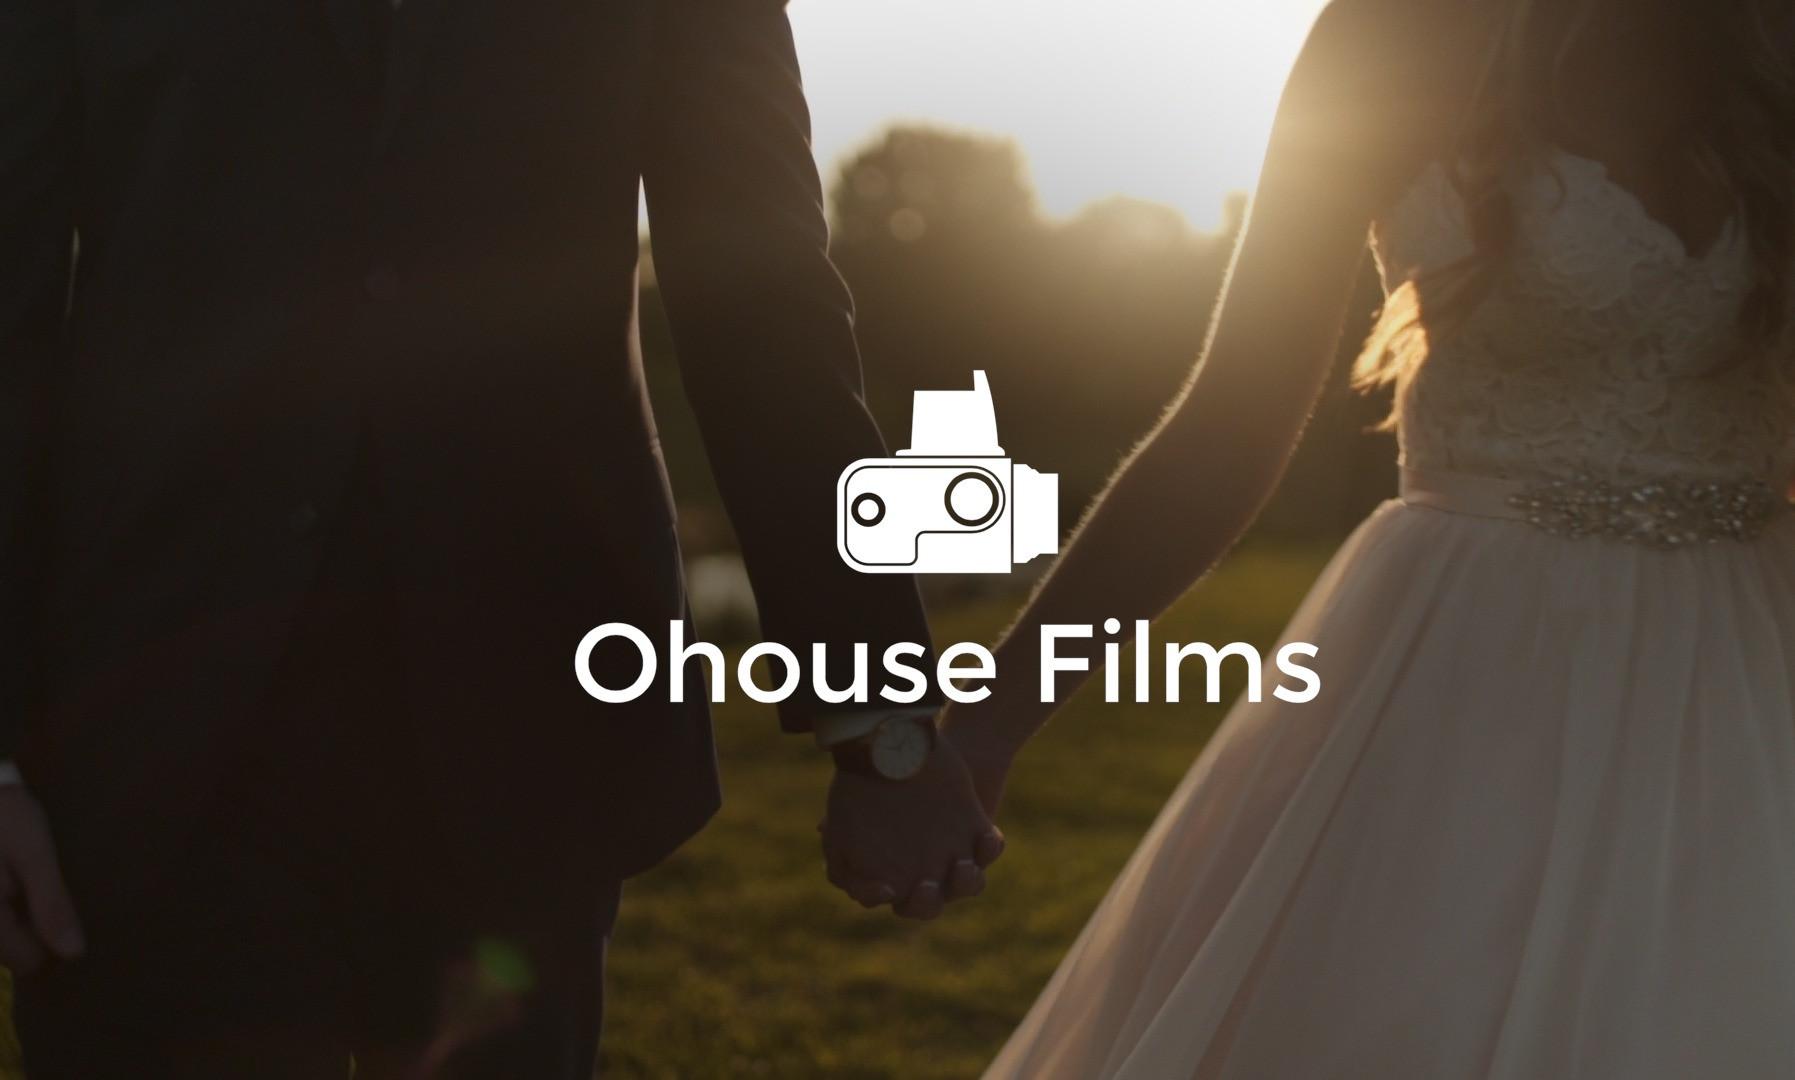 Vimeo%20Profile%20Image_edited.jpg